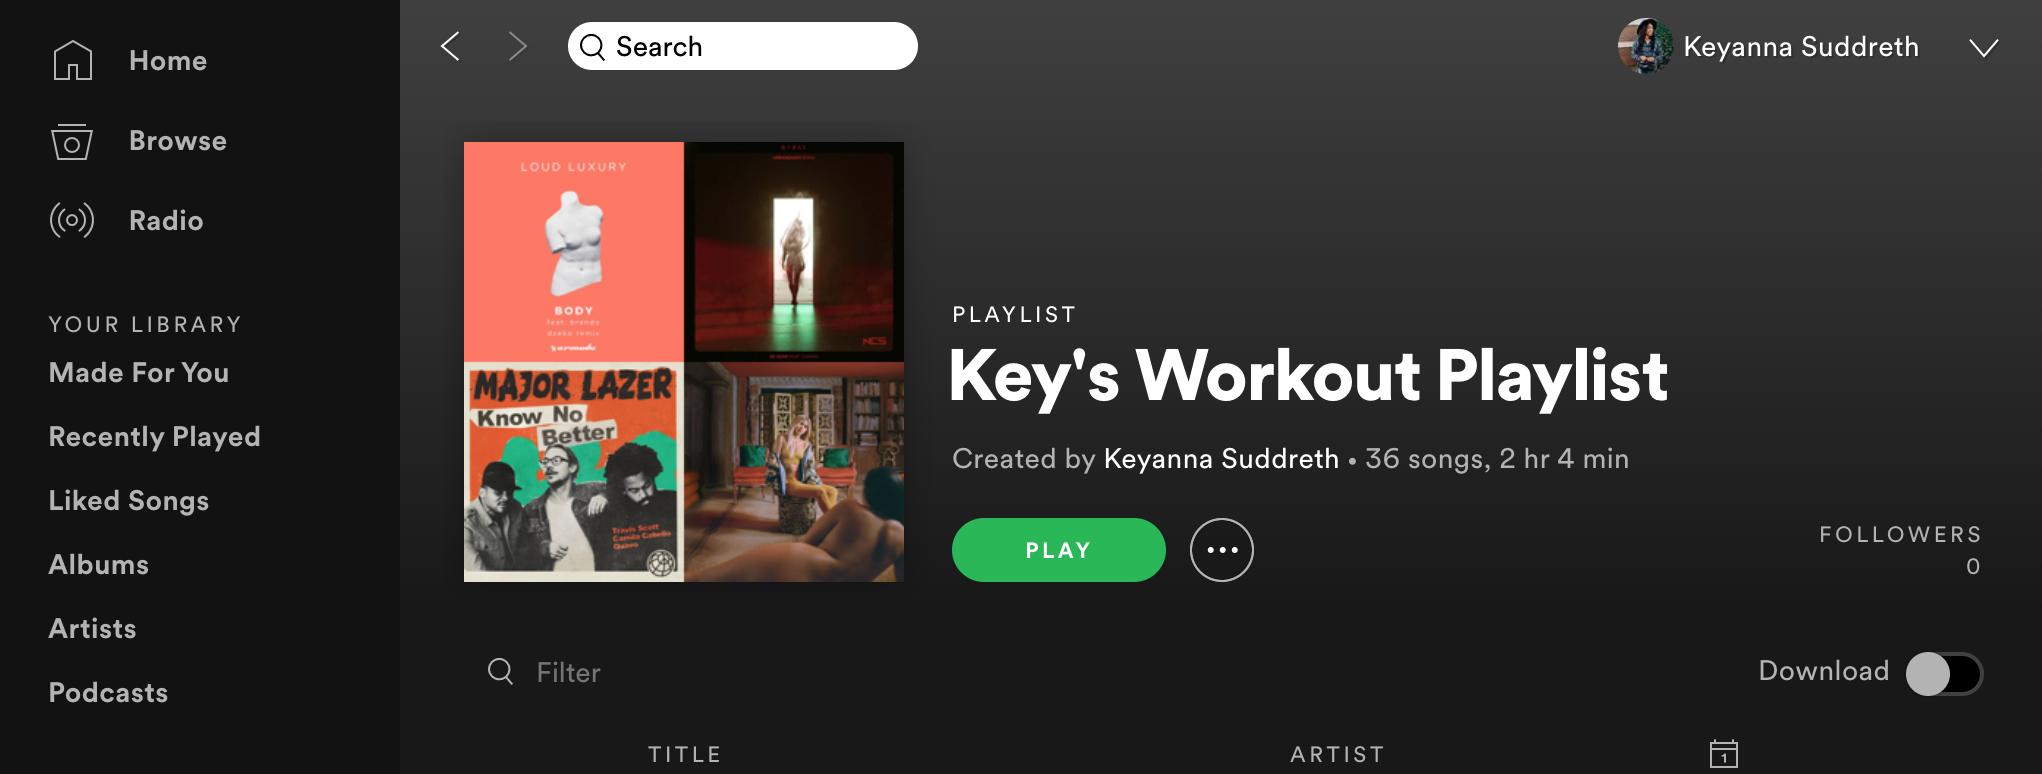 My Ultimate Spotify Workout Playlist